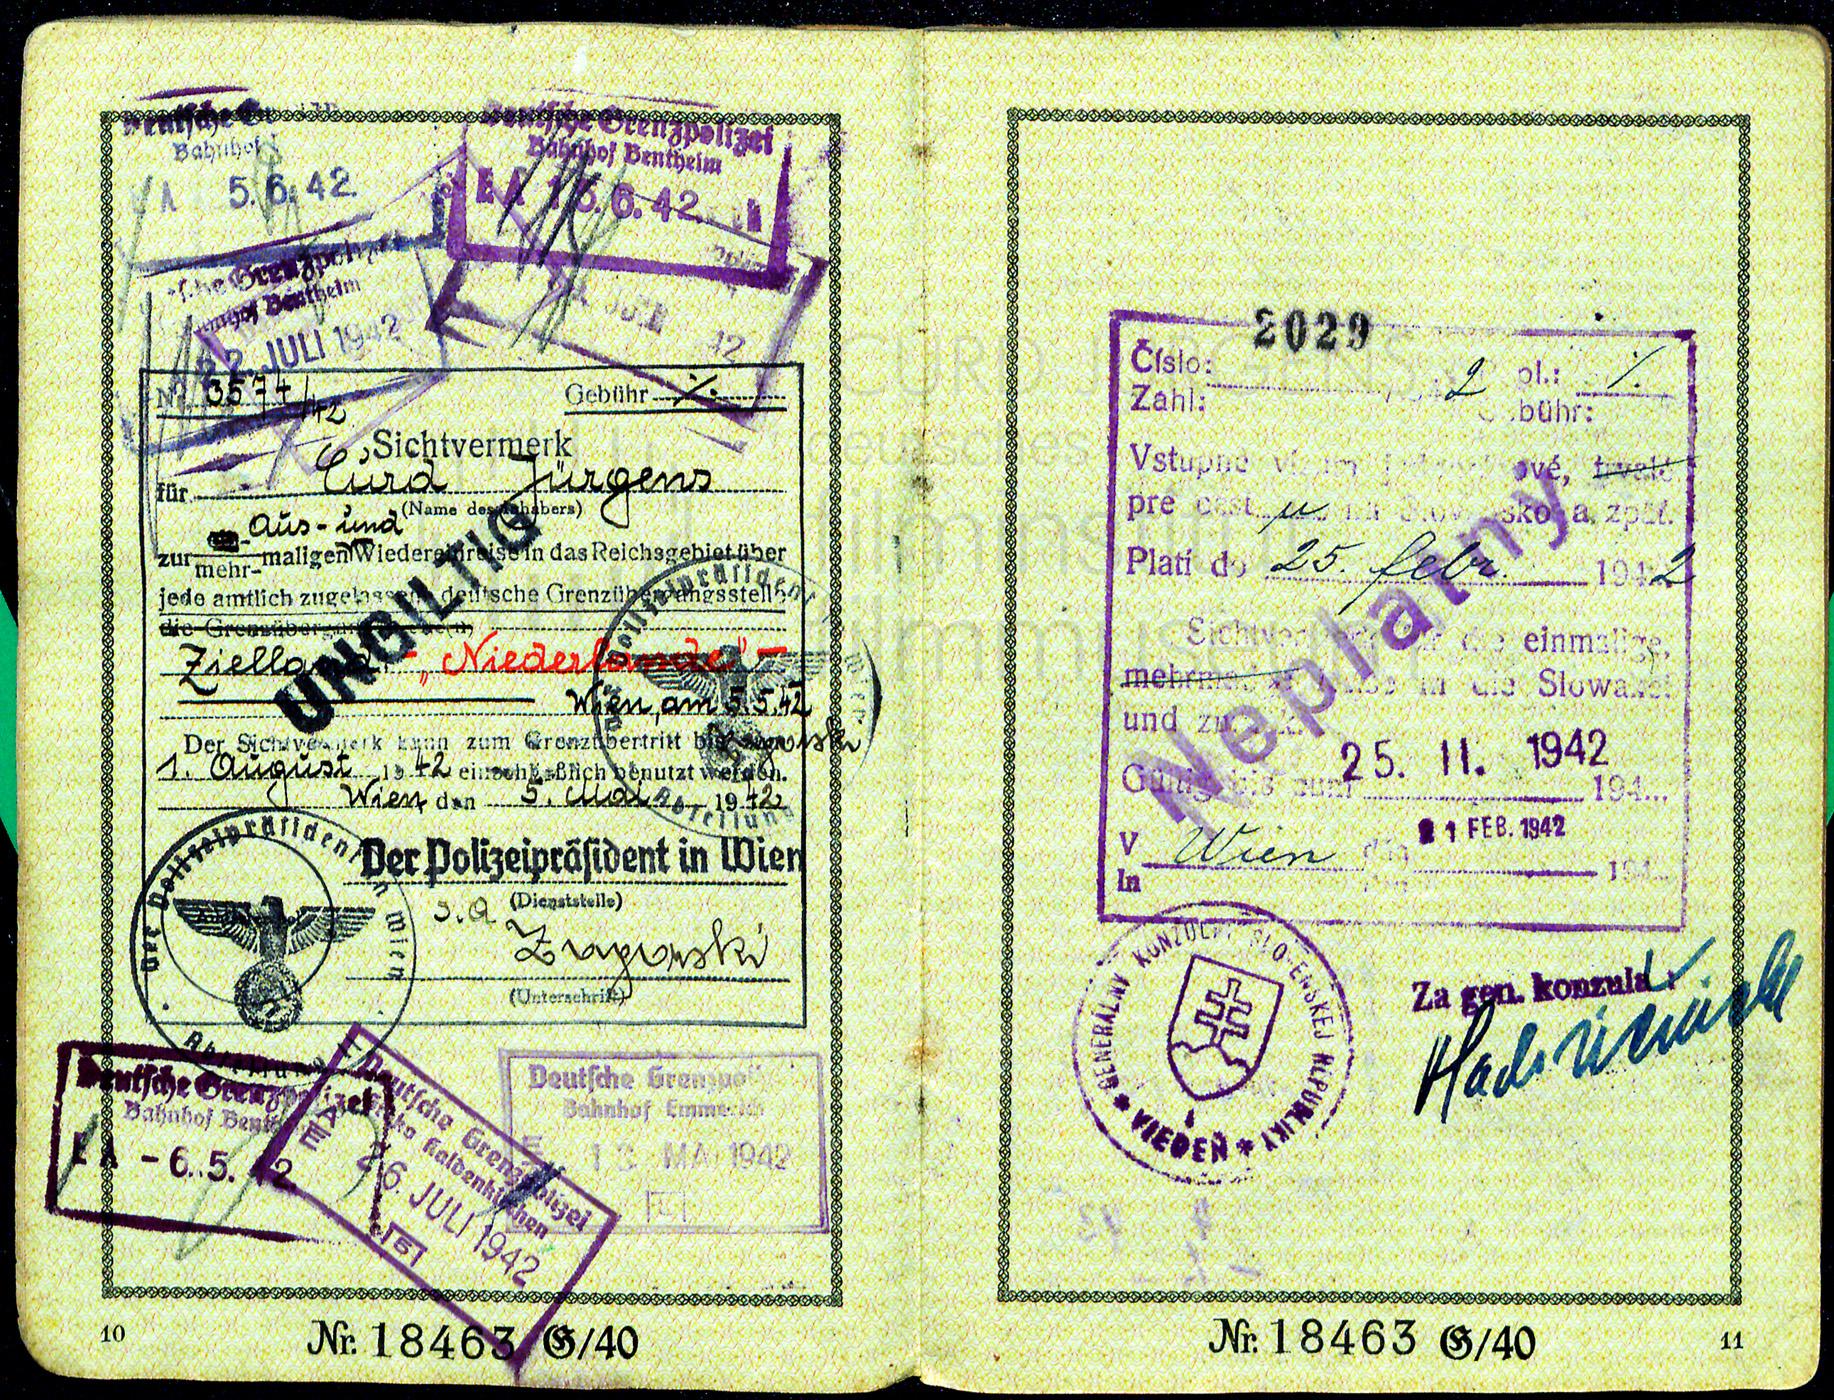 Reisepass des Deutschen Reichs, 1941